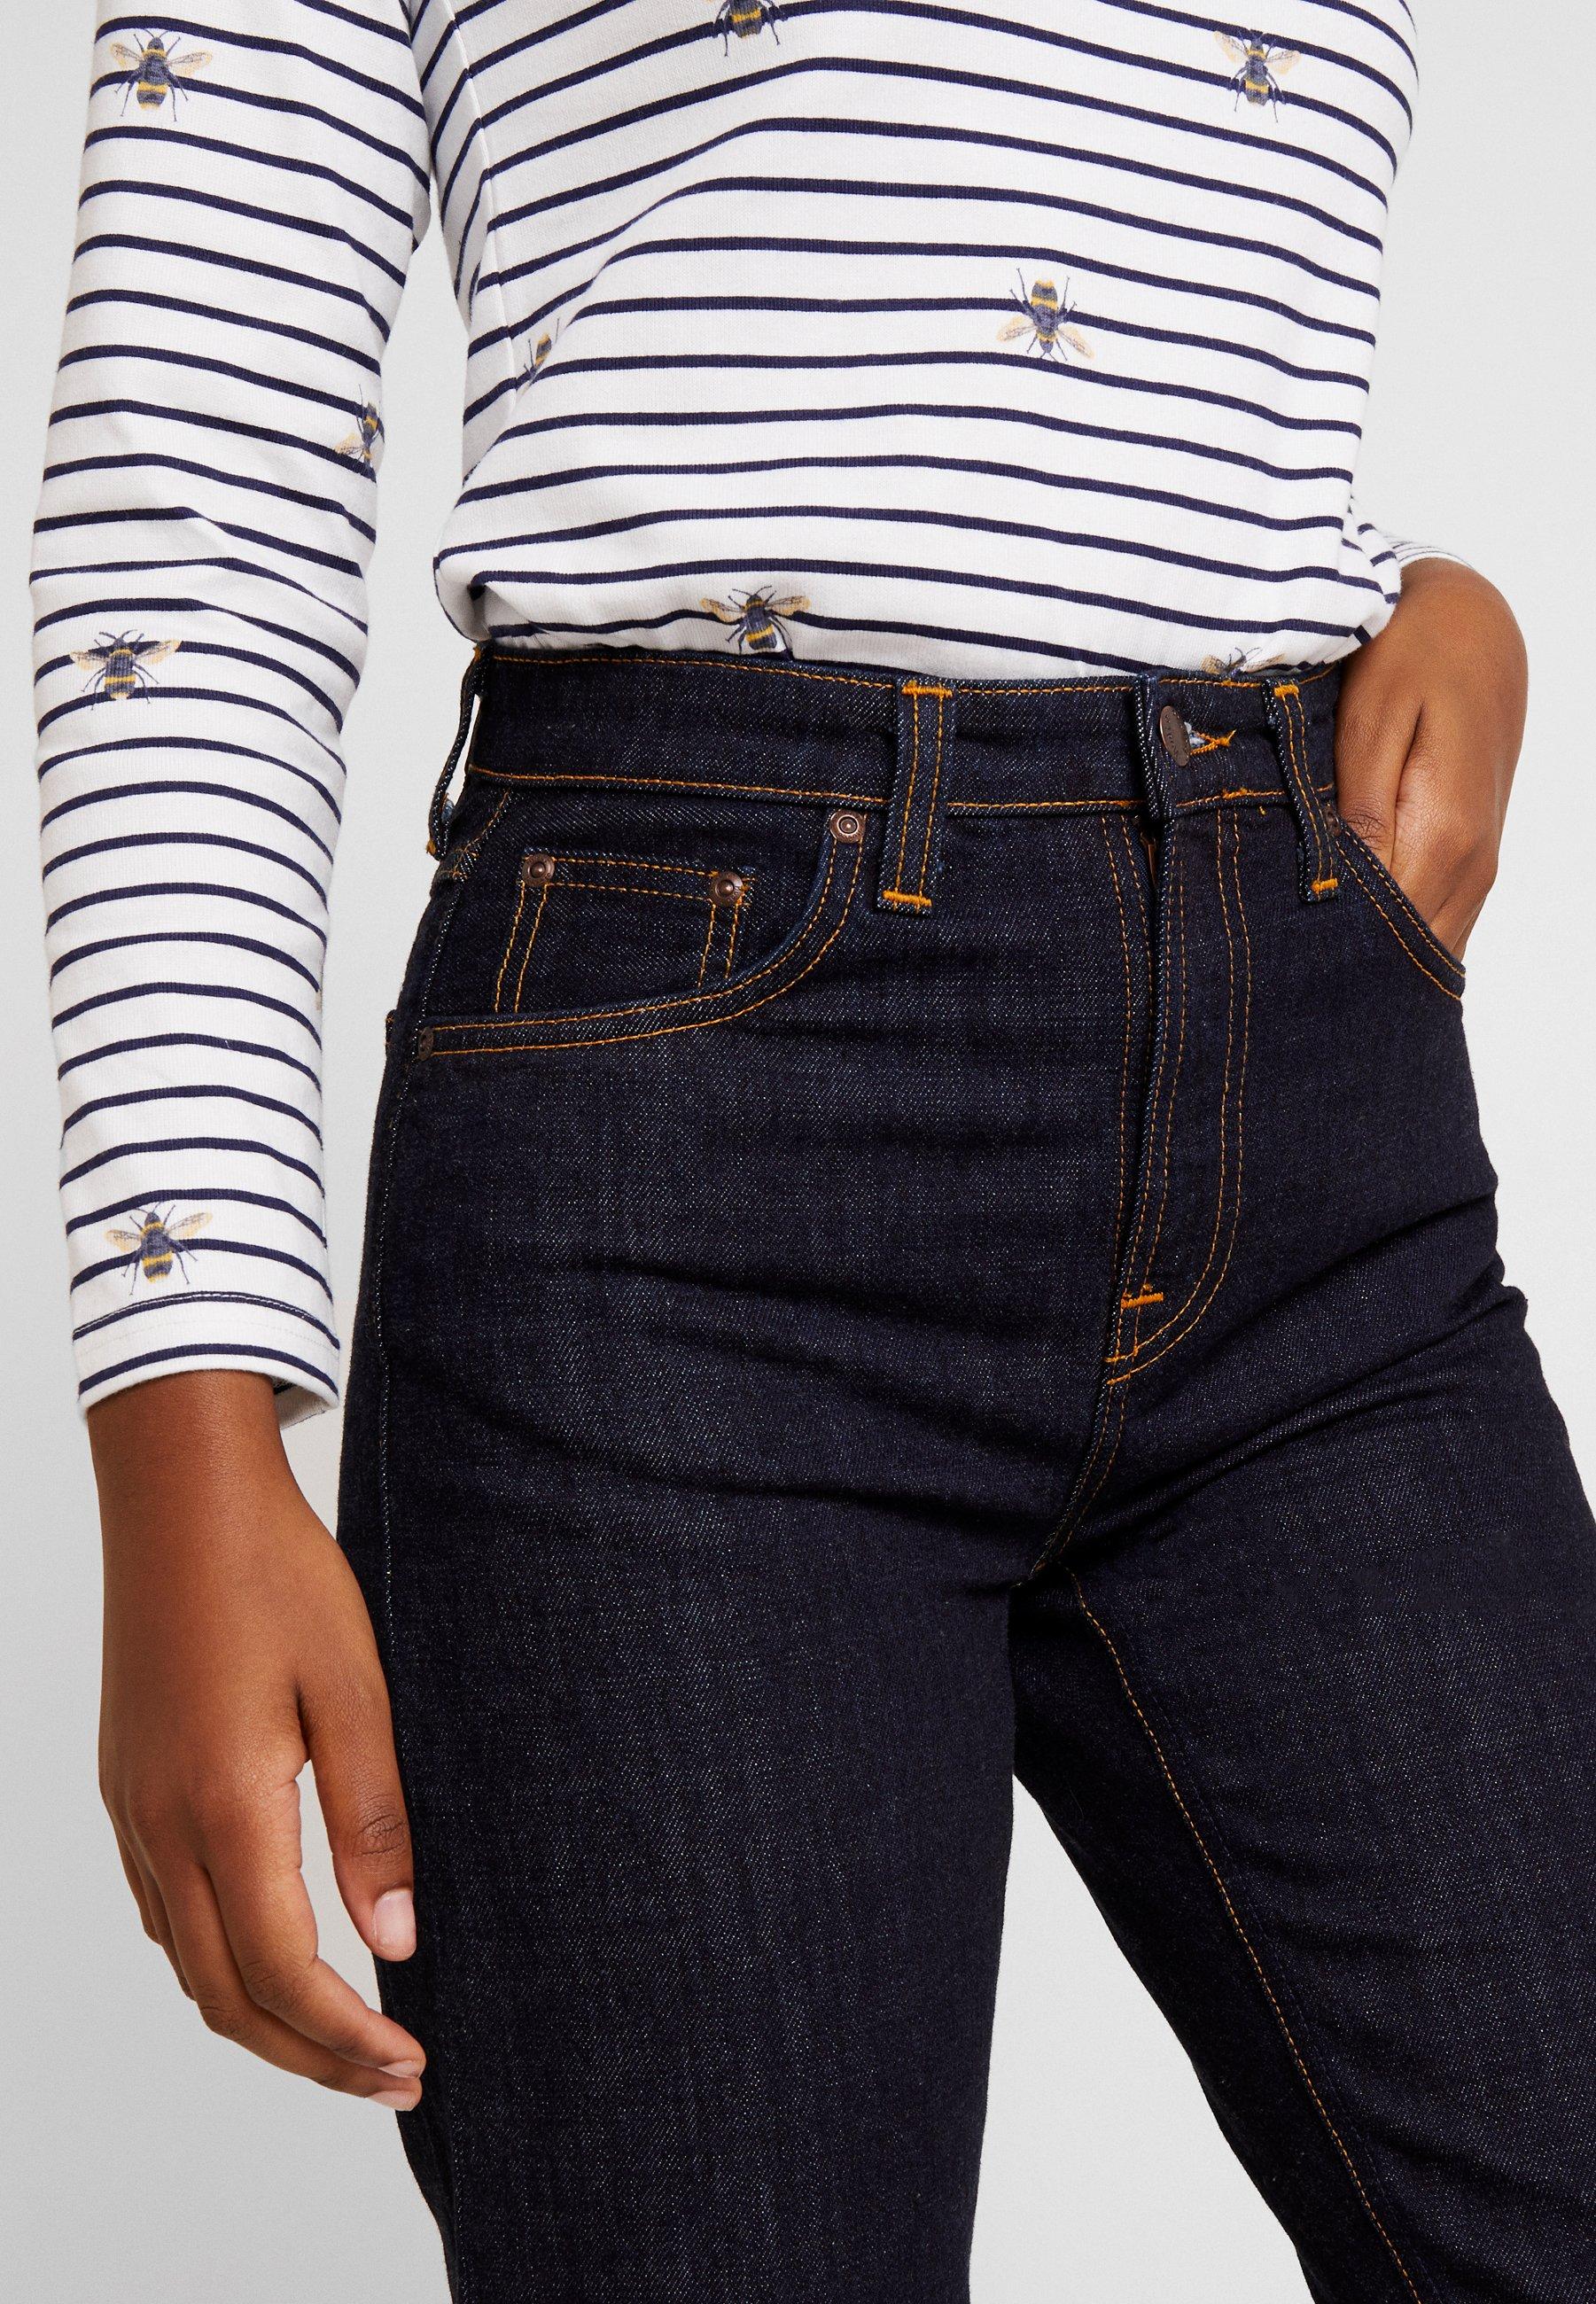 Oletko yrityksen Jeans America Oy tyytyväinen asiakas? Kerro kokemuksesi